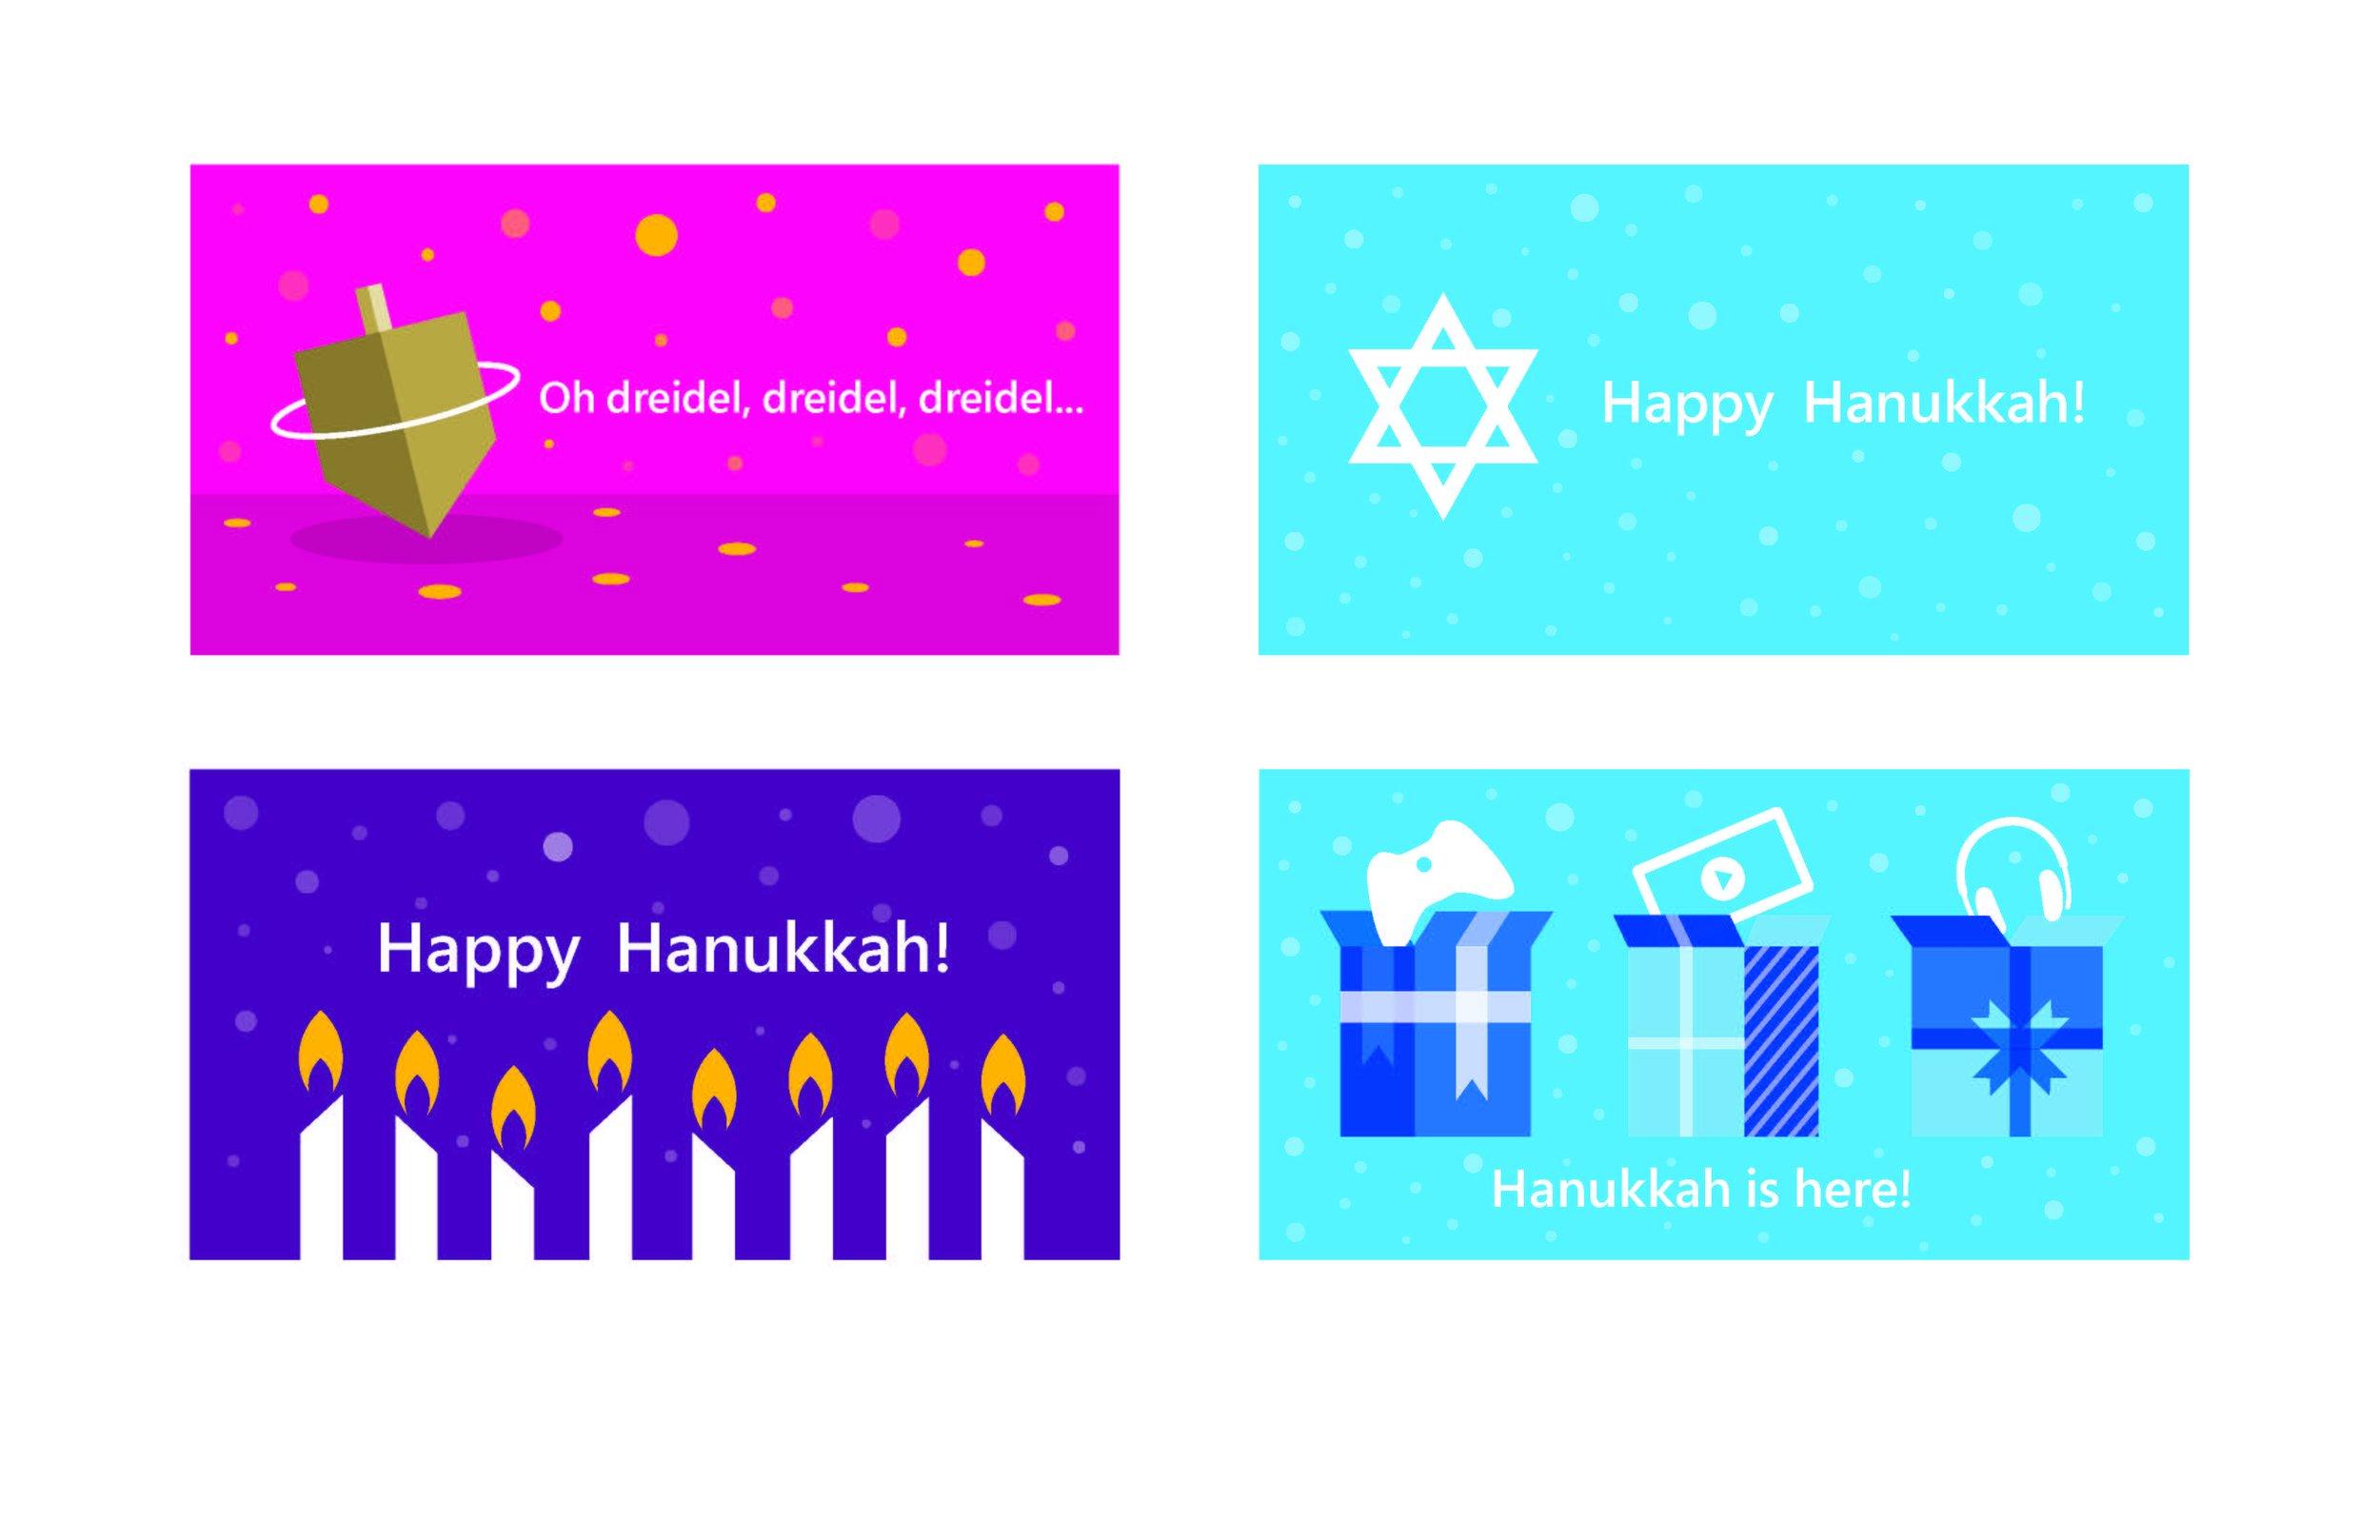 MS_GiftCards_Hanukkah-1.jpg